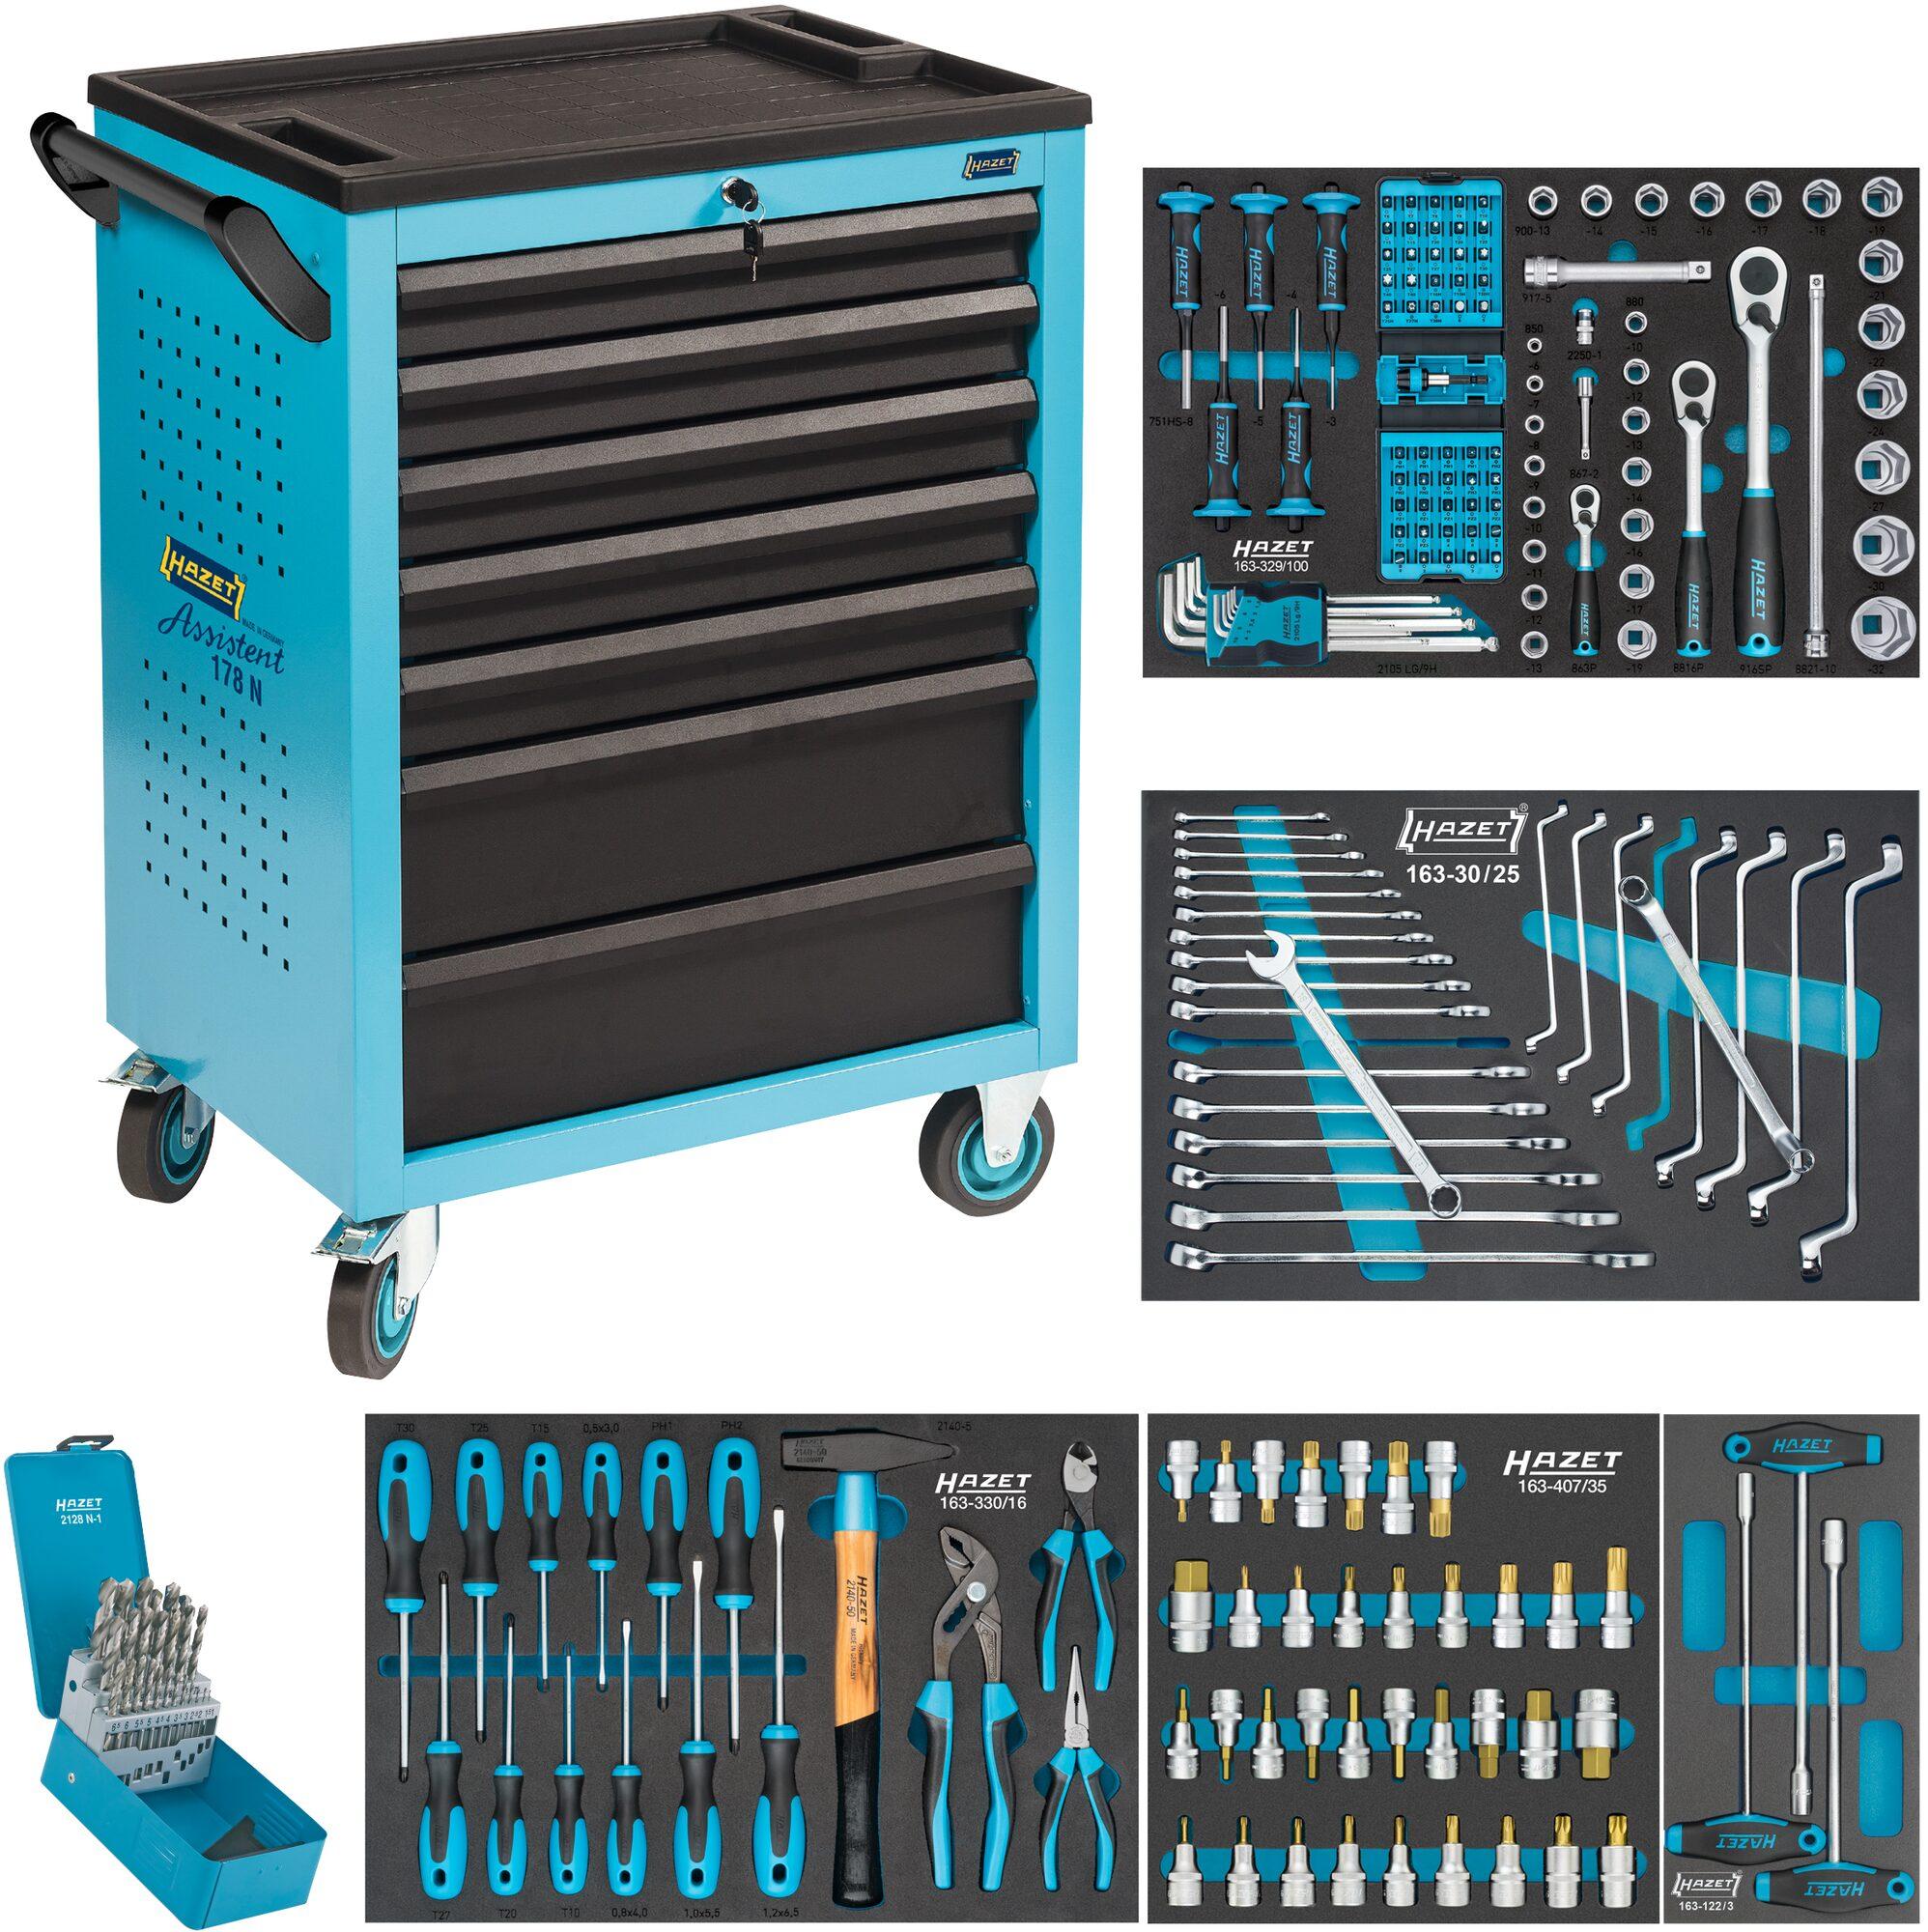 HAZET Werkstattwagen Assistent 178 N-7 ∙ mit 204 Werkzeugen 178N-7/204 ∙ Anzahl Werkzeuge: 204